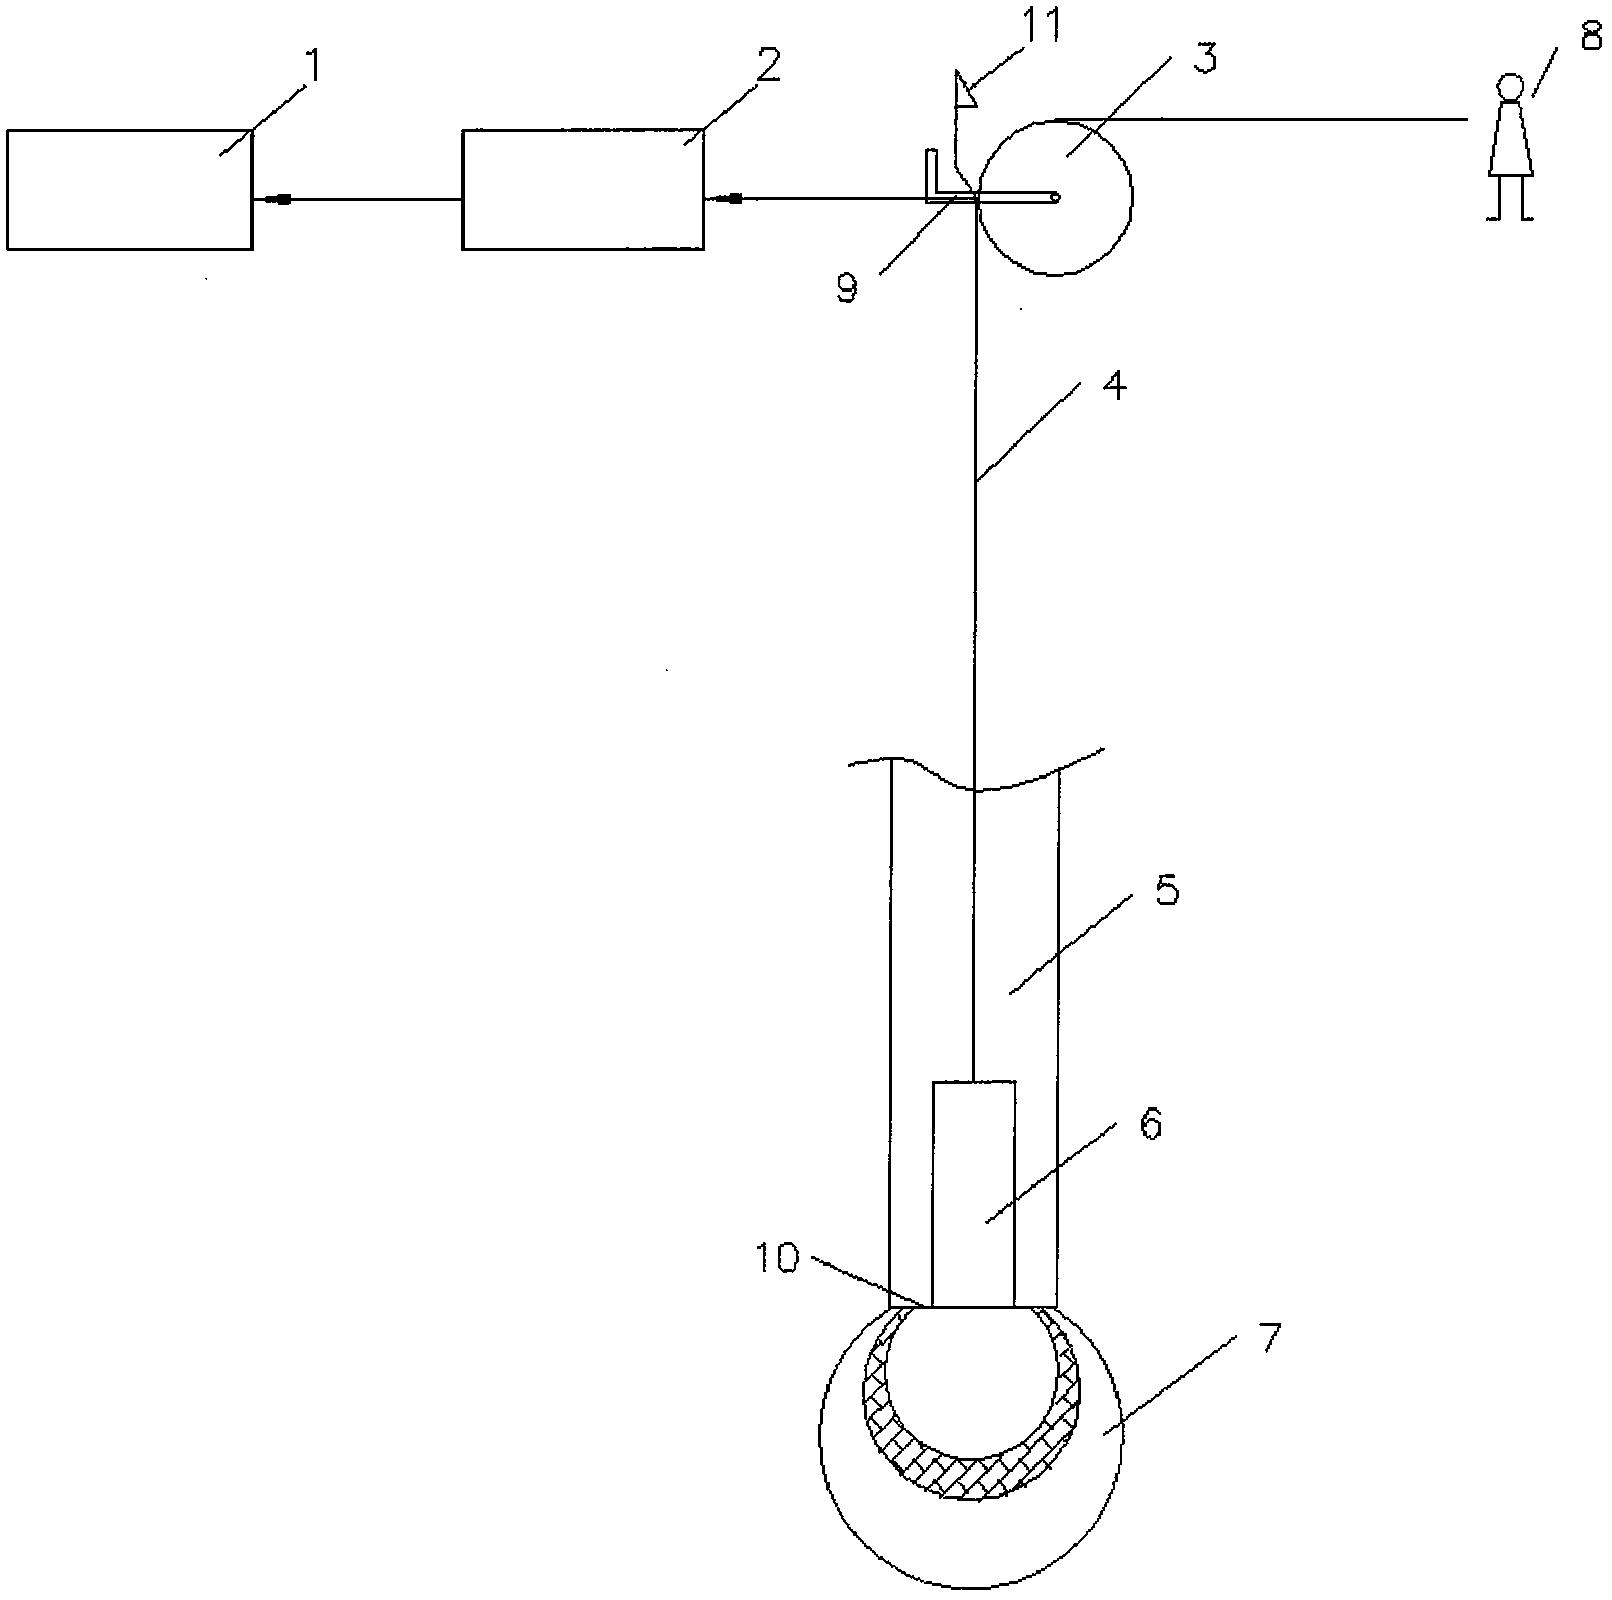 一种载体桩三击贯入度自动测量仪(公开号:CN206486910U)